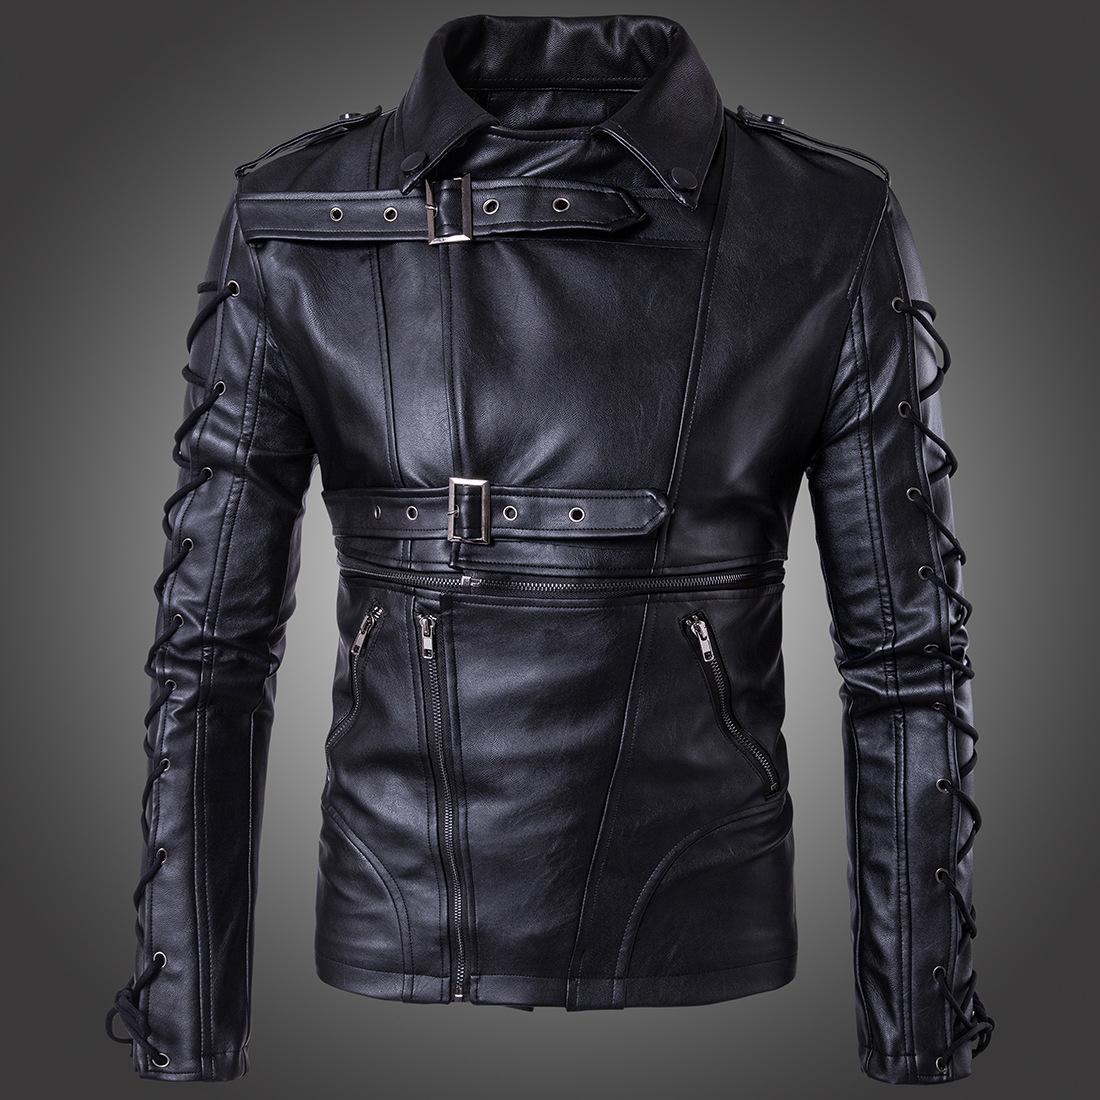 rebelsmarket_mens_punk_zipper_side_lace_up_faux_leather_motorcycle_biker_jacket_jackets_6.jpg